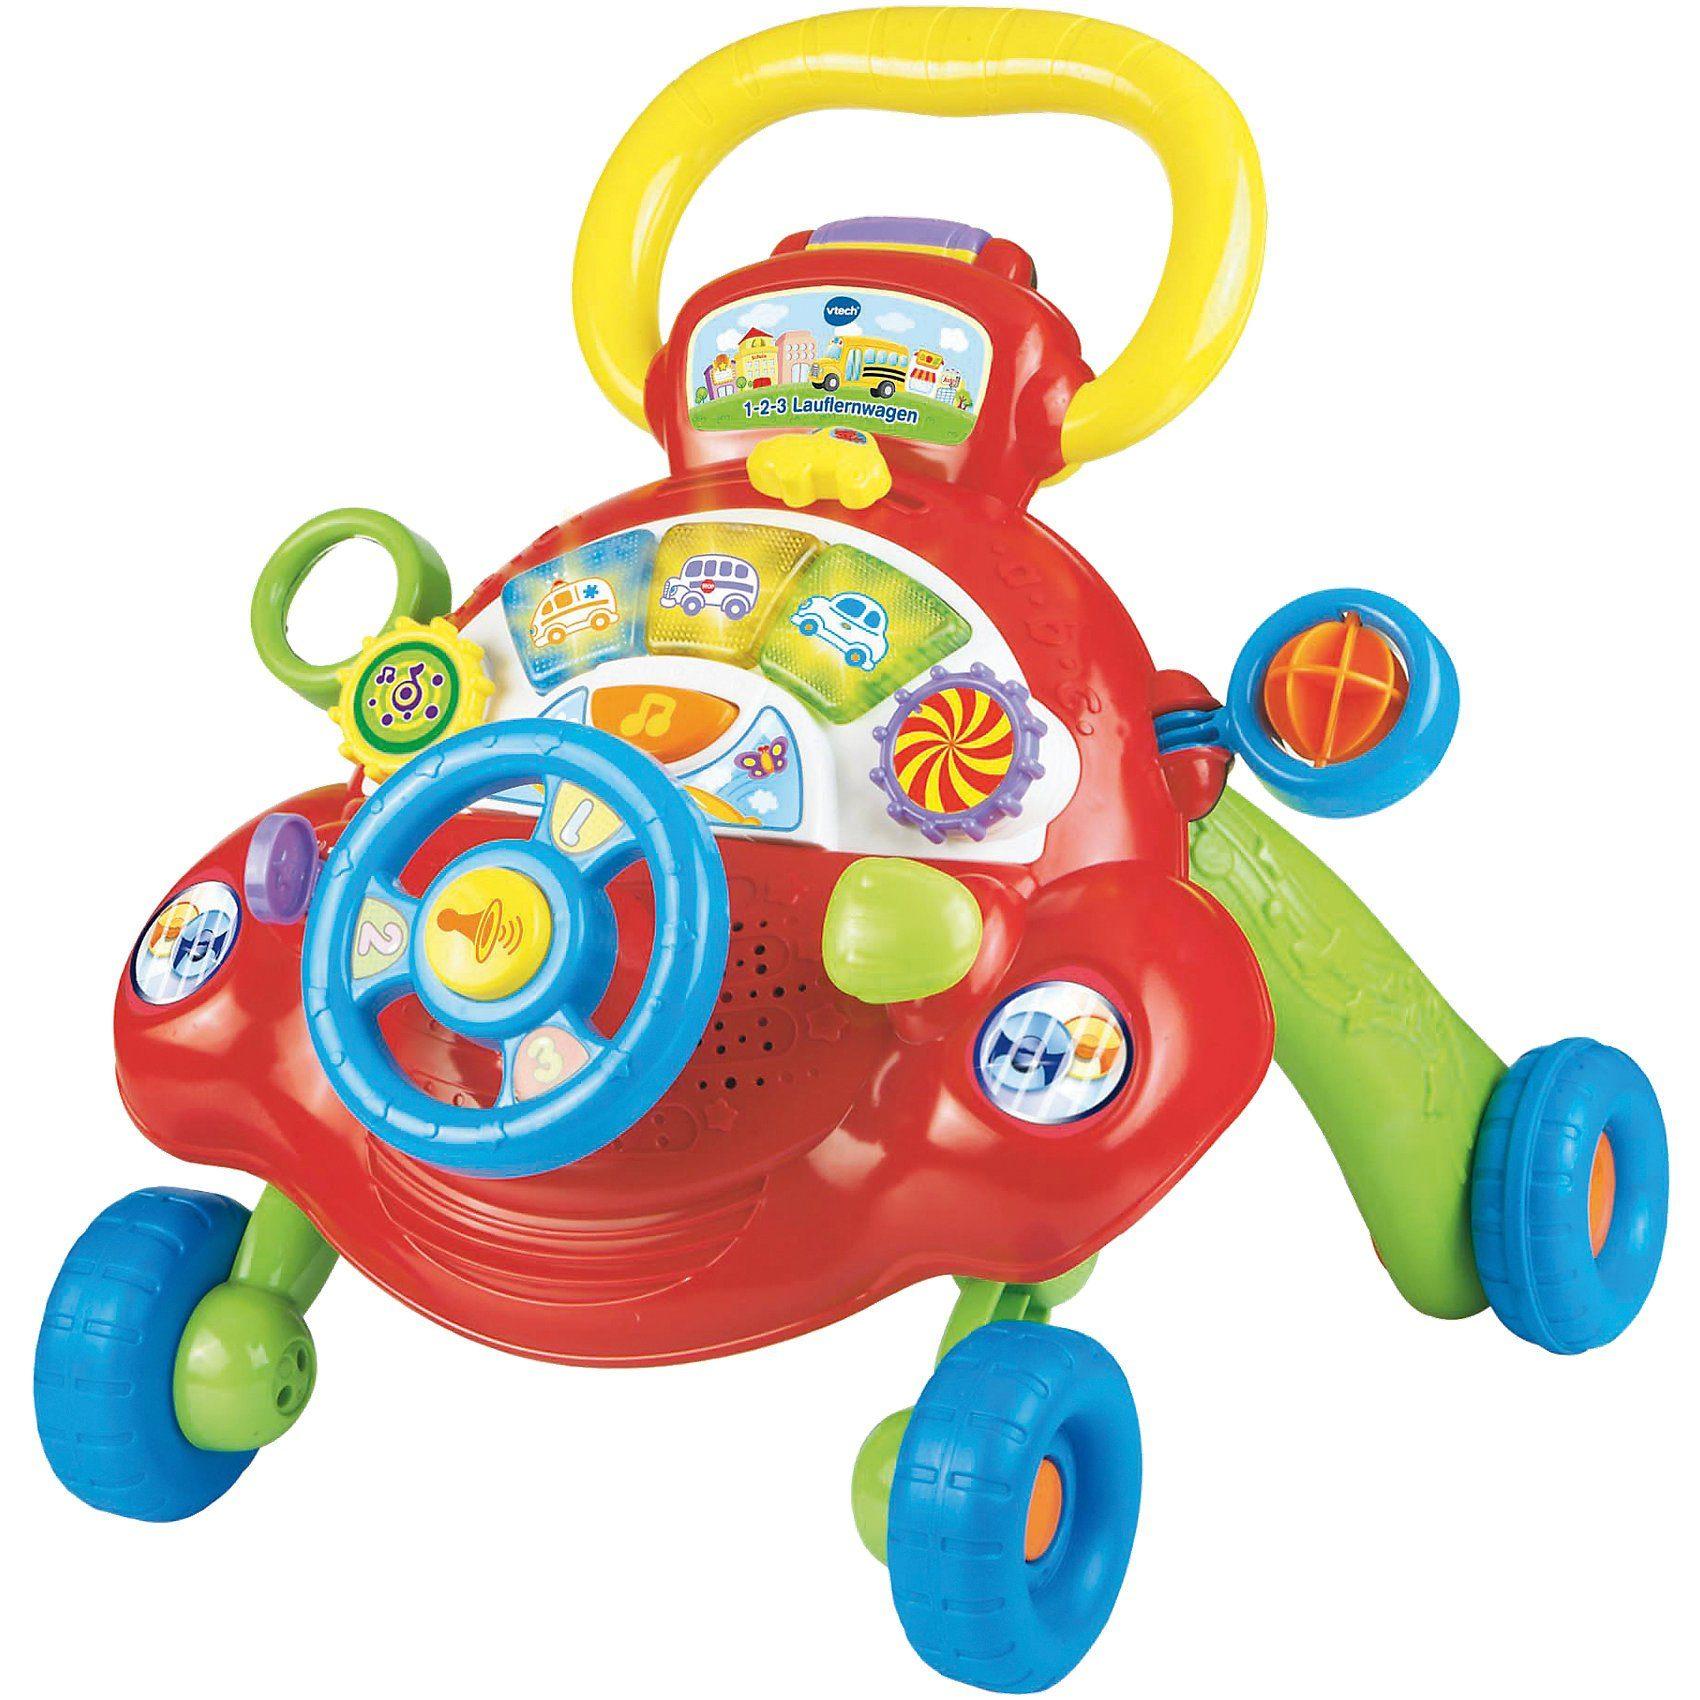 Vtech® 1-2-3 Lauflernwagen mit Spielboard